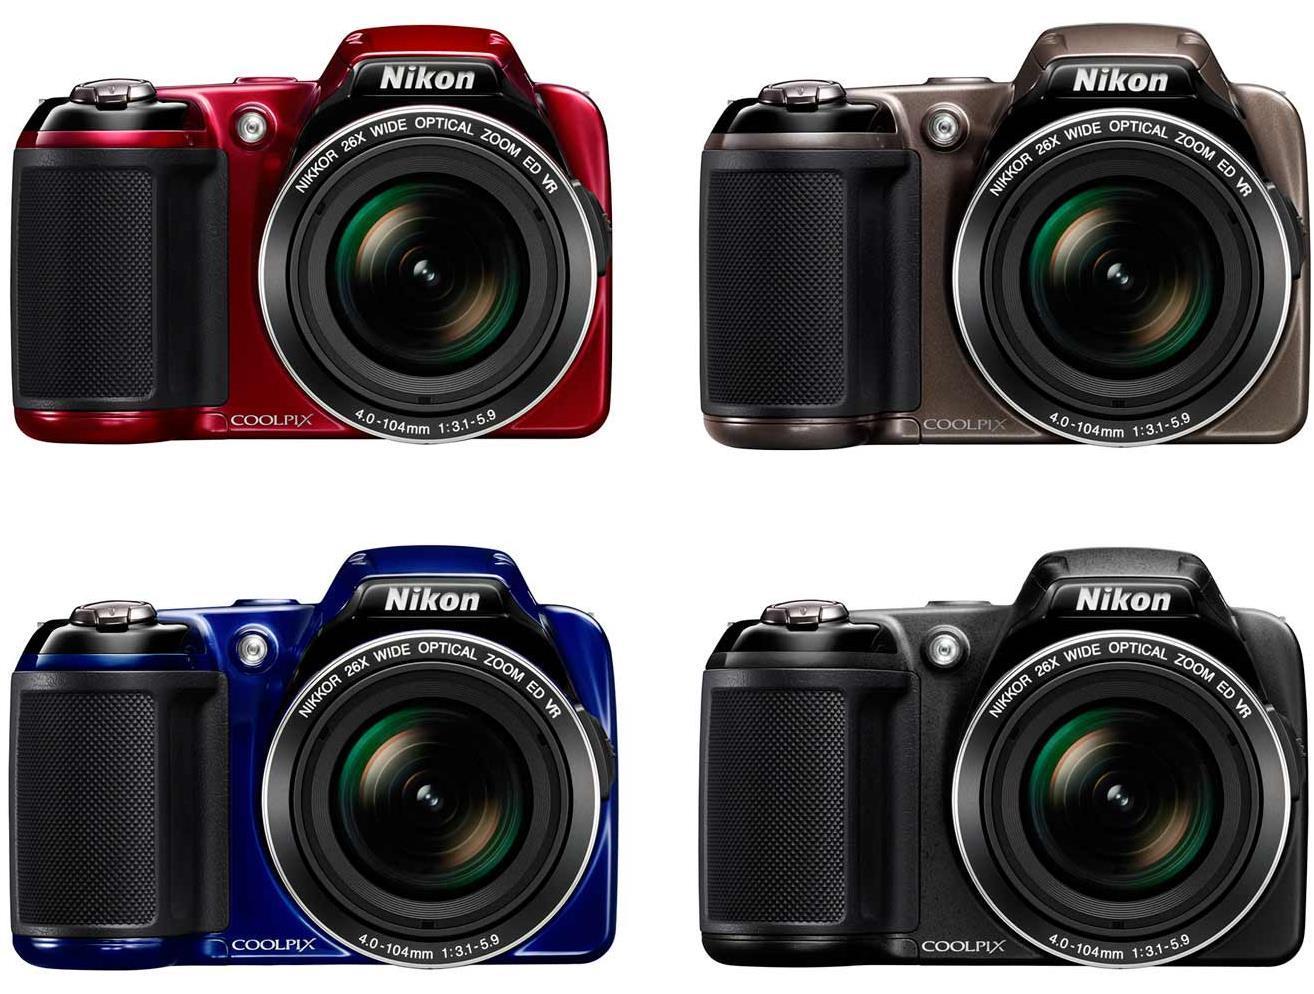 Nikon Coolpix L810 Compact Super-Zoom Digital Camera Review, Photos